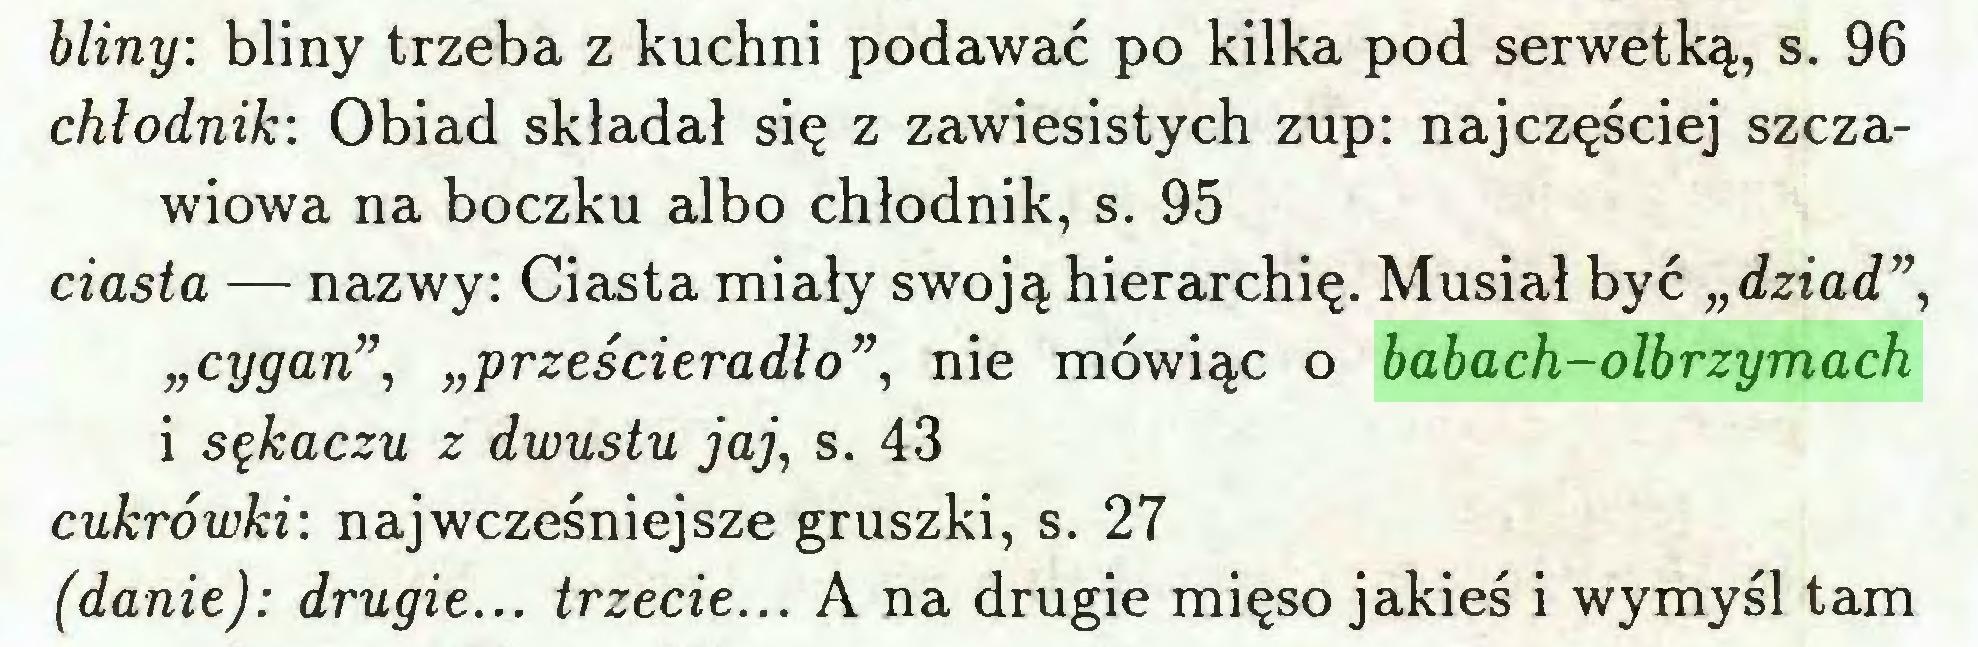 """(...) bliny: bliny trzeba z kuchni podawać po kilka pod serwetką, s. 96 chłodnik: Obiad składał się z zawiesistych zup: najczęściej szczawiowa na boczku albo chłodnik, s. 95 ciasta — nazwy: Ciasta miały swoją hierarchię. Musiał być """"dziad"""", """"cygan"""", """"prześcieradło"""", nie mówiąc o babach-olbrzymach i sękaczu z dwustu jaj, s. 43 cukrówki: najwcześniejsze gruszki, s. 27 (danie): drugie... trzecie... A na drugie mięso jakieś i wymyśl tam..."""